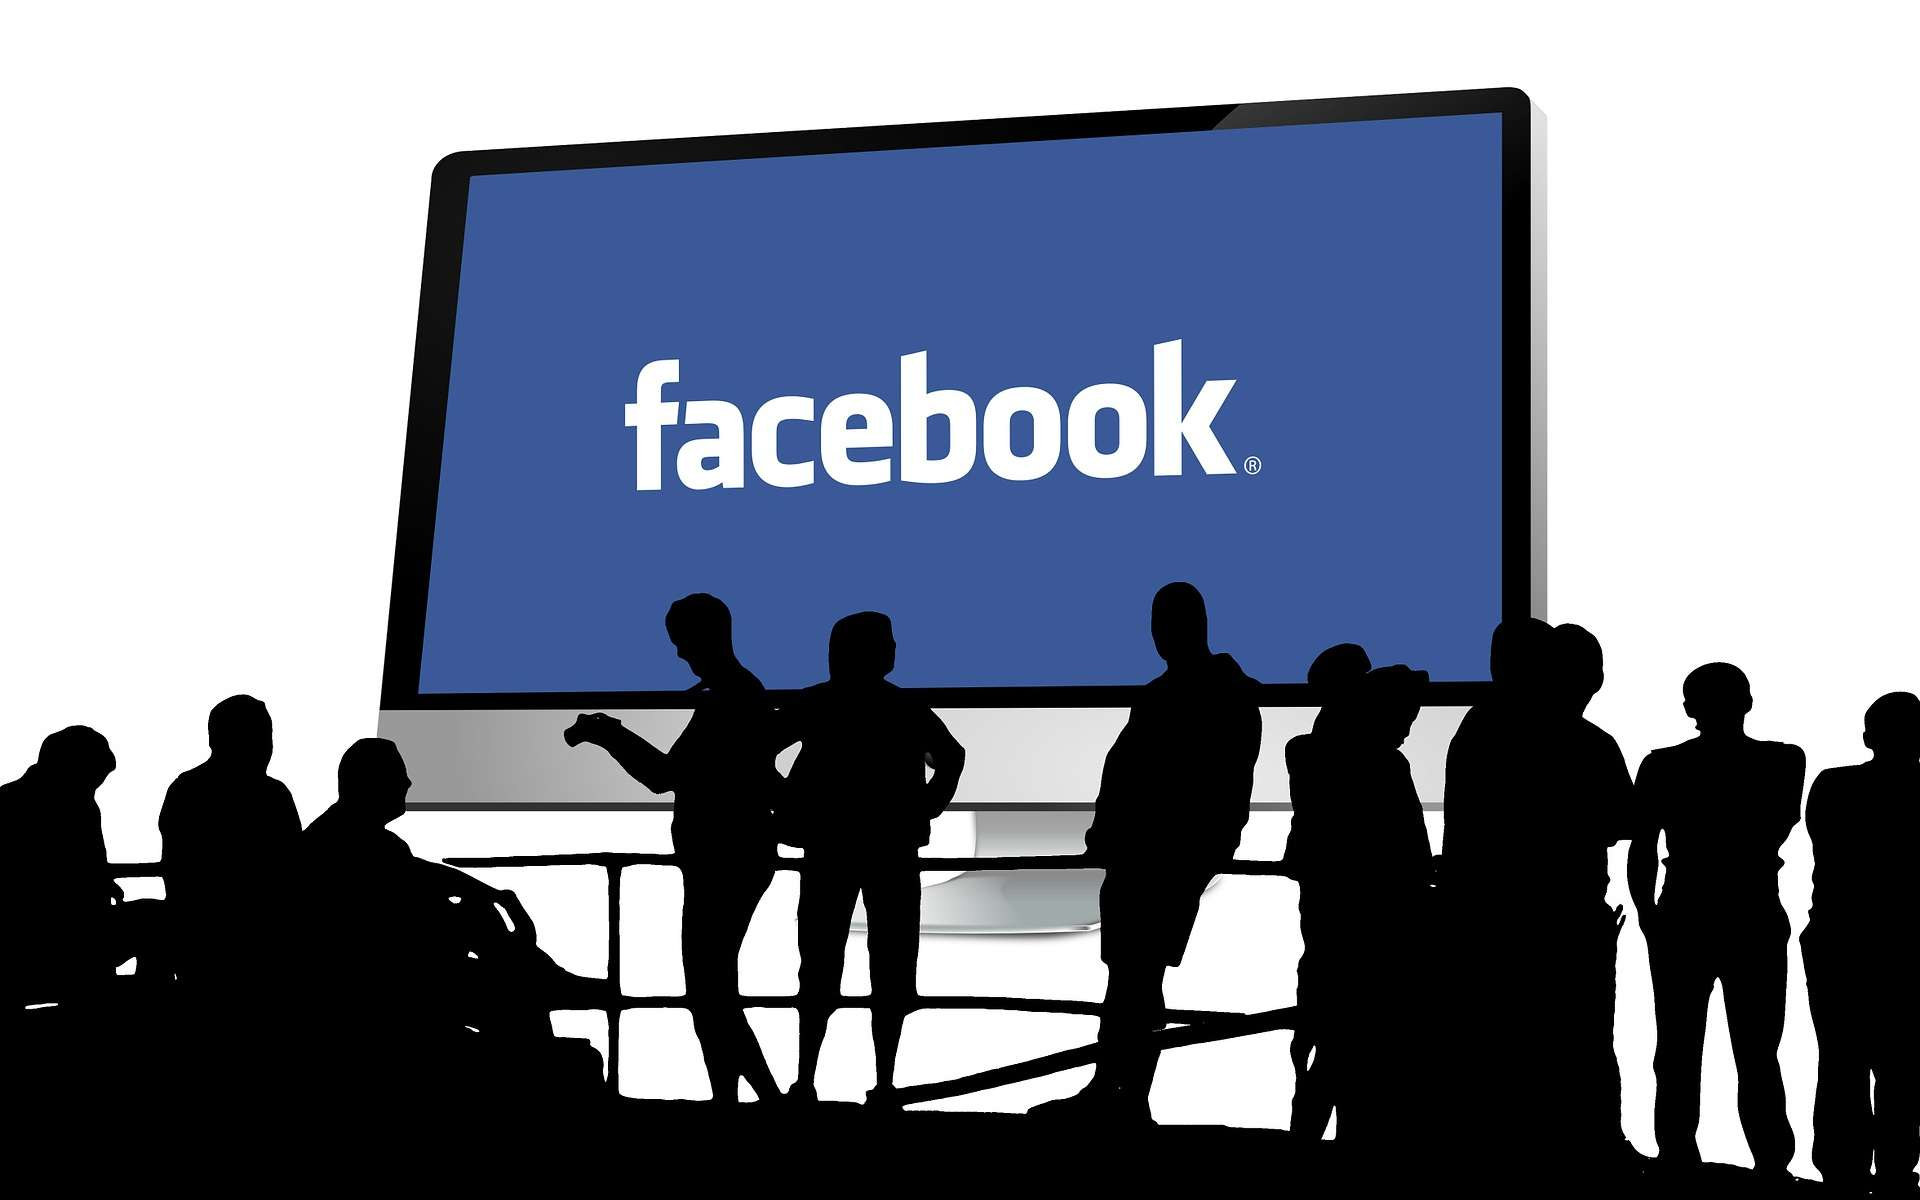 L'historique de recherche de Facebook est effaçable. © geralt, Pixabay, DP